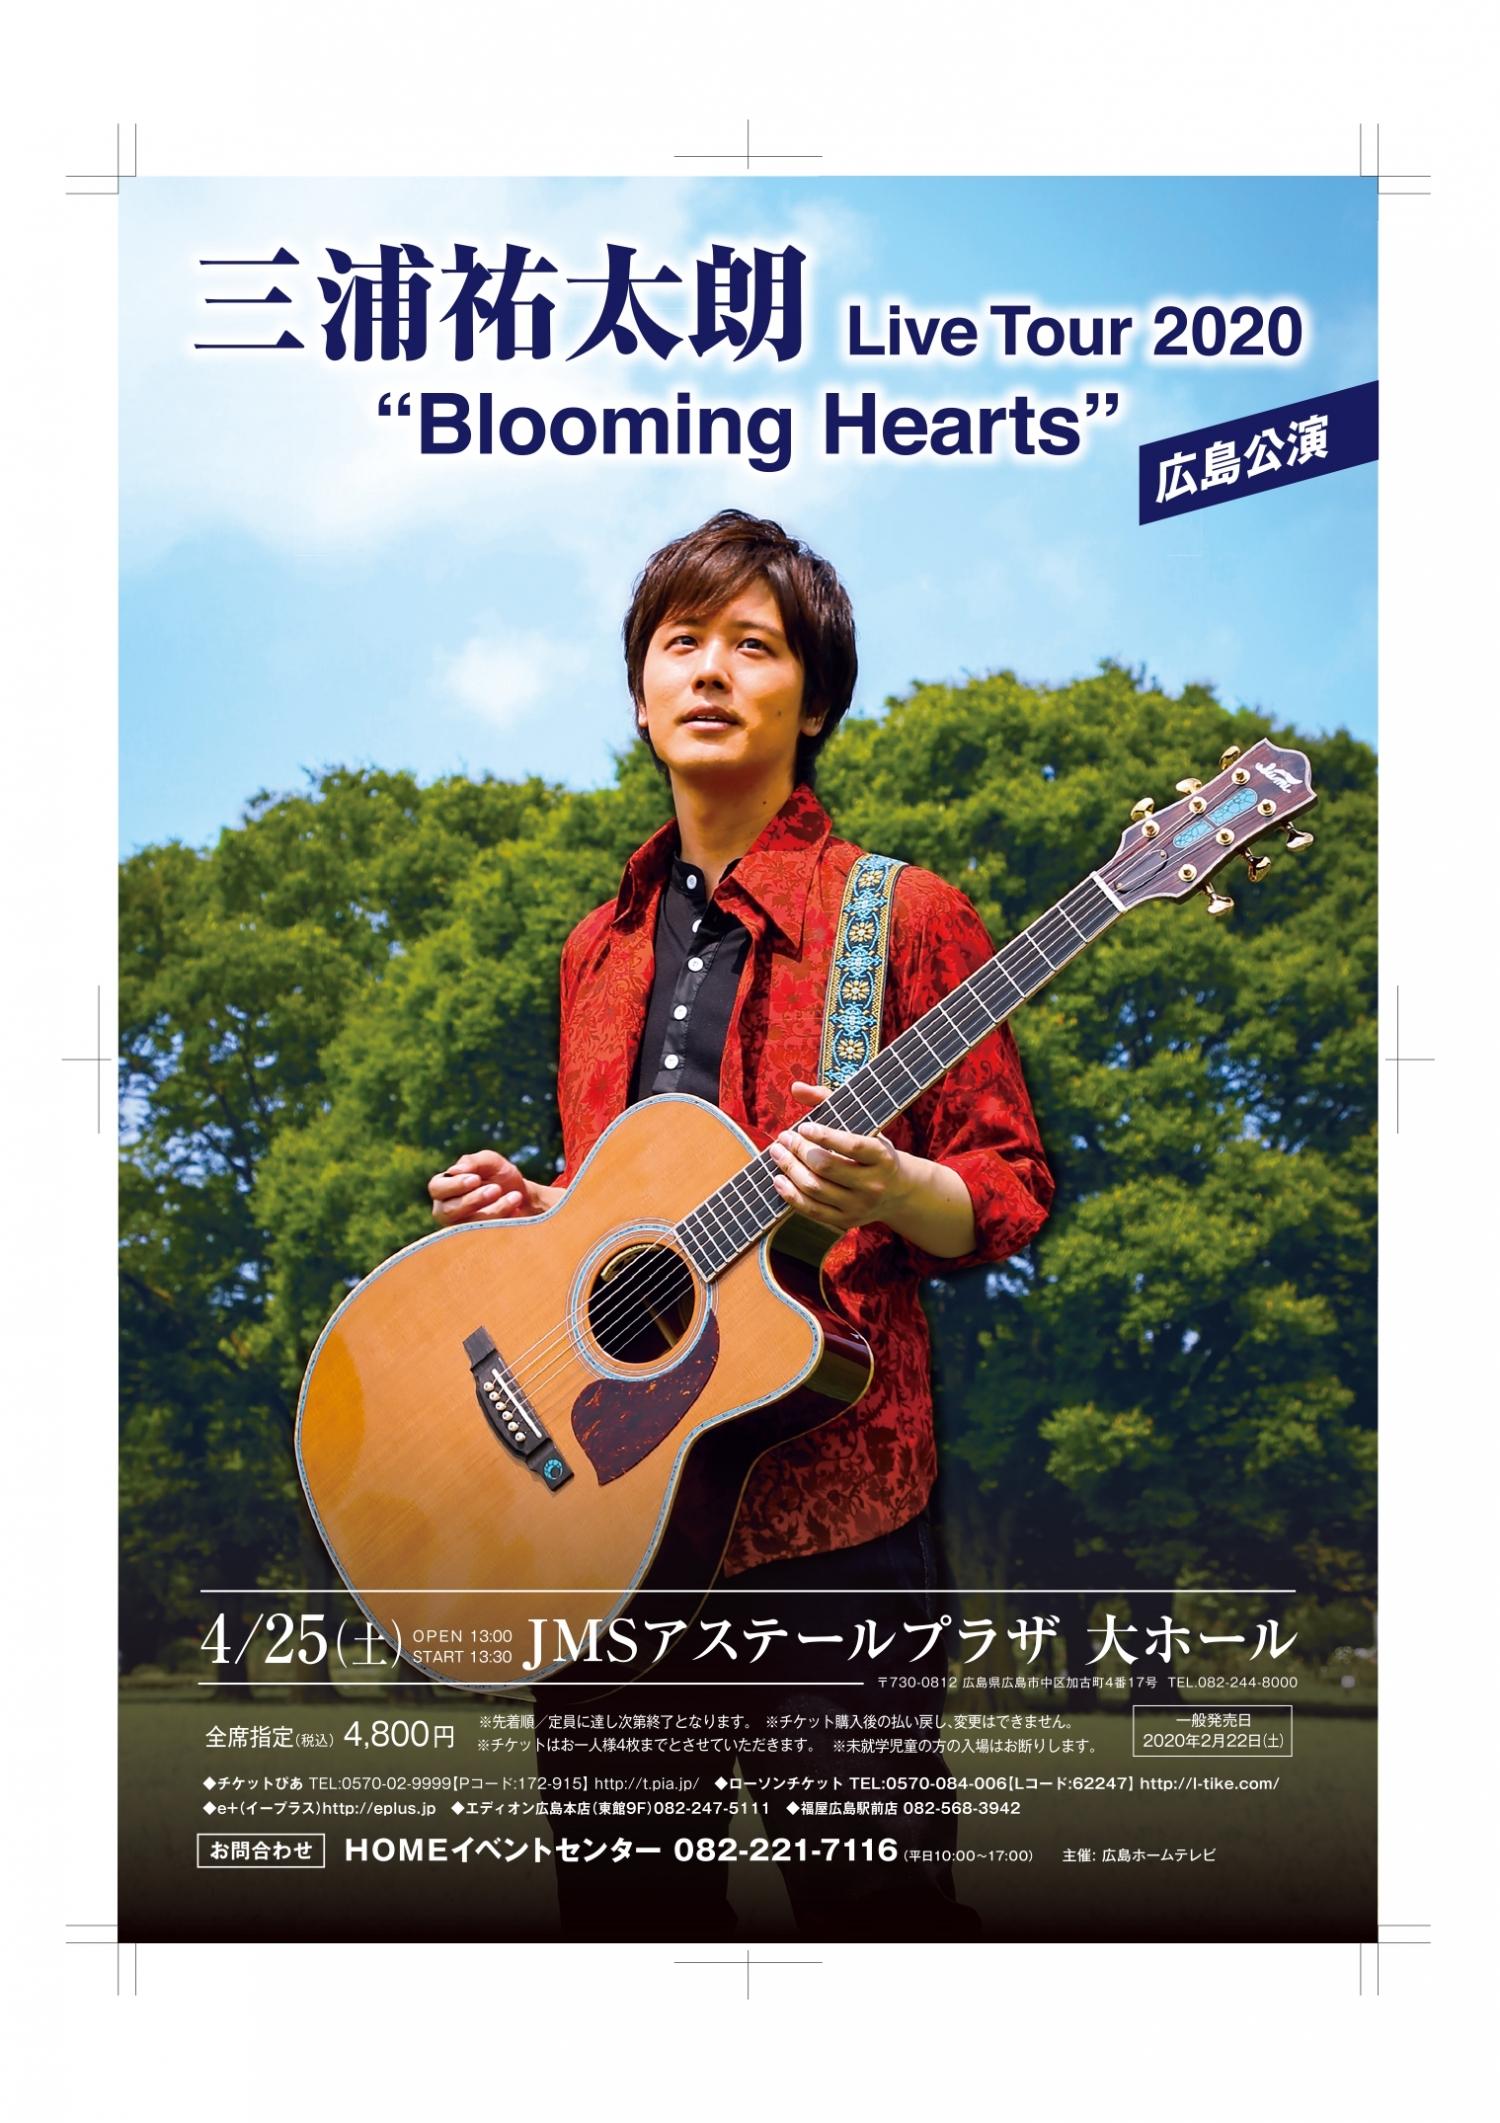 """三浦祐太朗Live Tour2020-2021""""Blooming Hearts""""→新型コロナウイルスのため2021年1月11日に延期"""